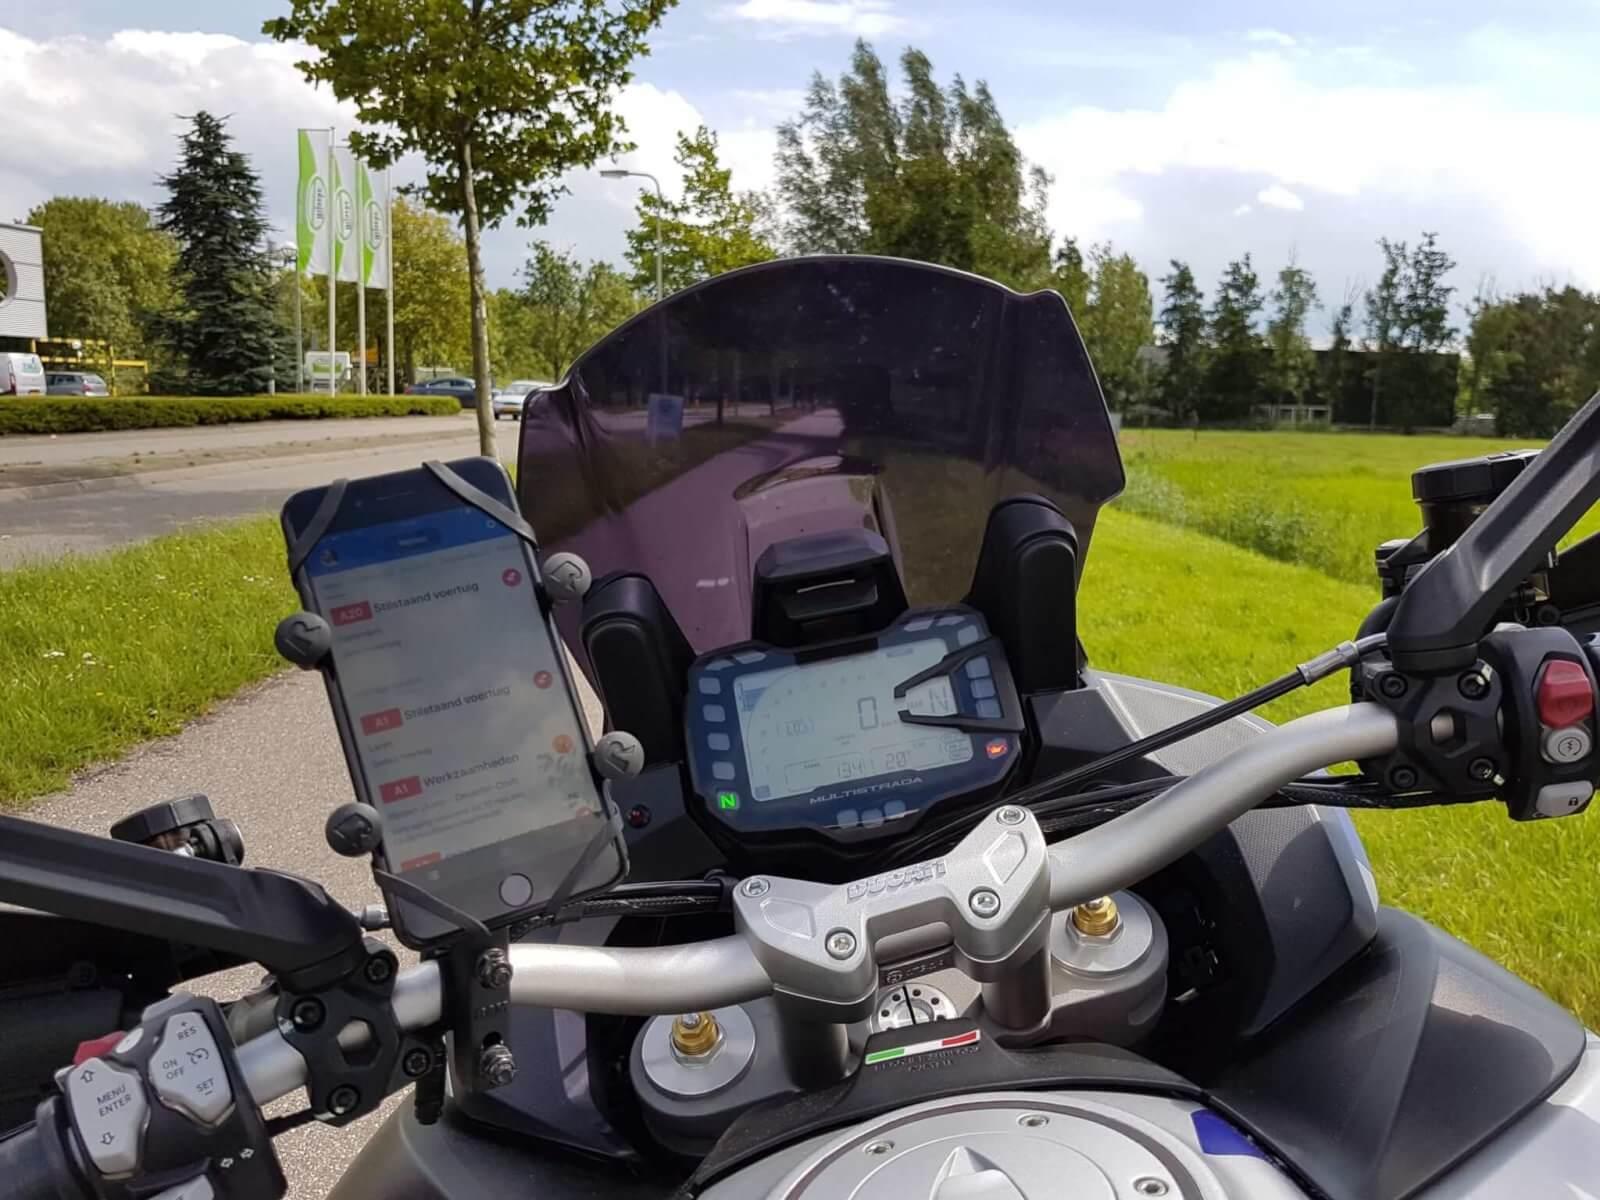 motor smartphone apps